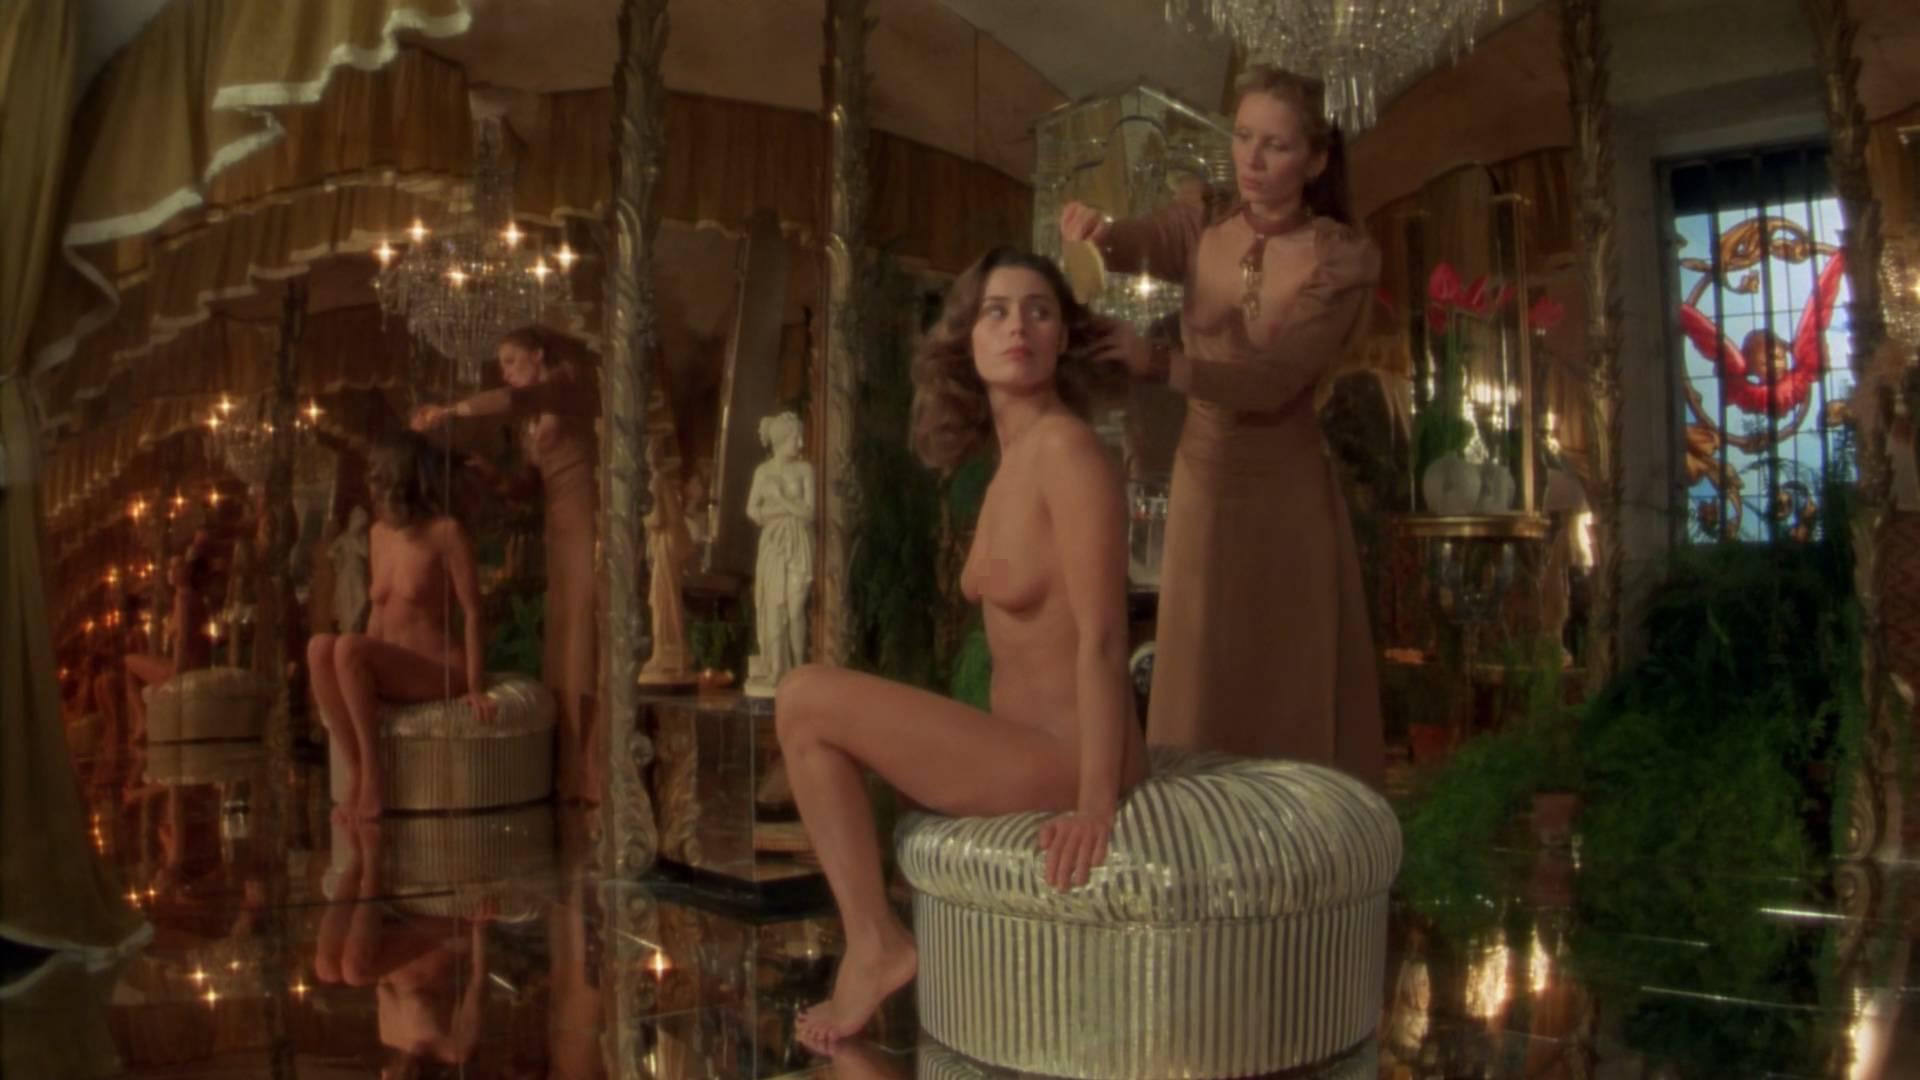 eroticheskie-filmi-pro-dvortsovie-utehi-starik-i-molodaya-telka